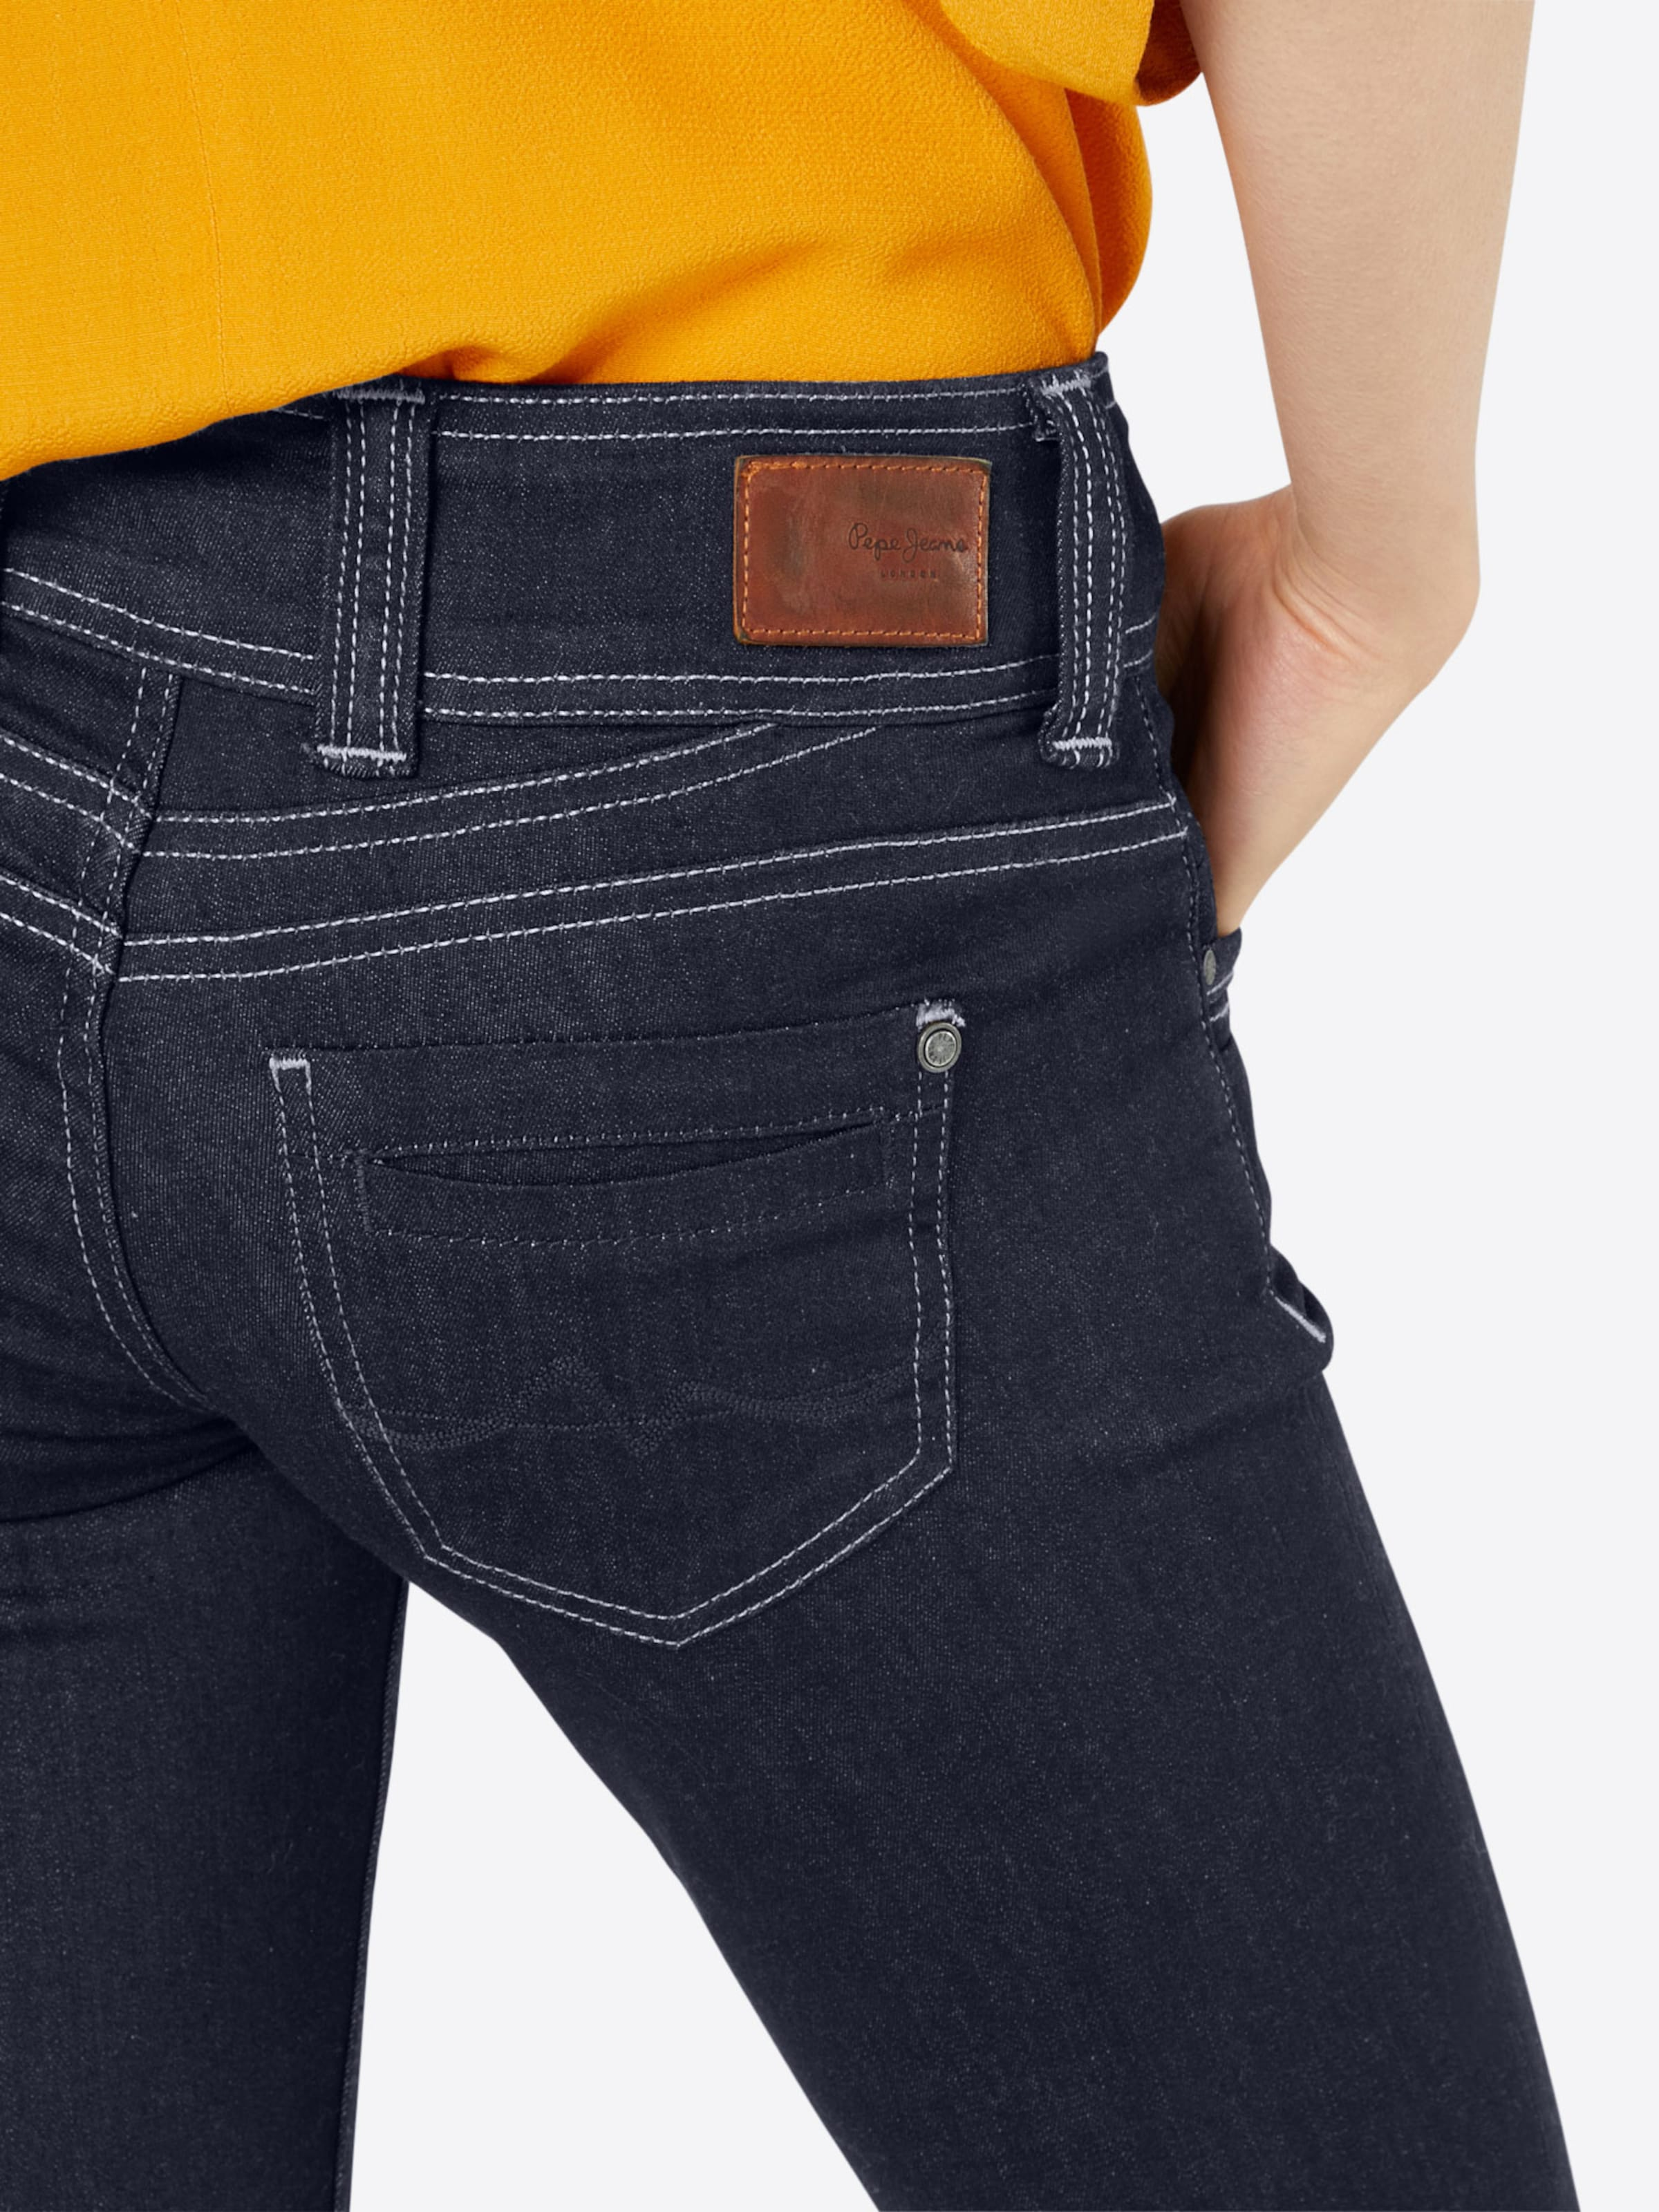 Bleu Foncé Jeans Jean En Pepe 'gen' 0wmNn8